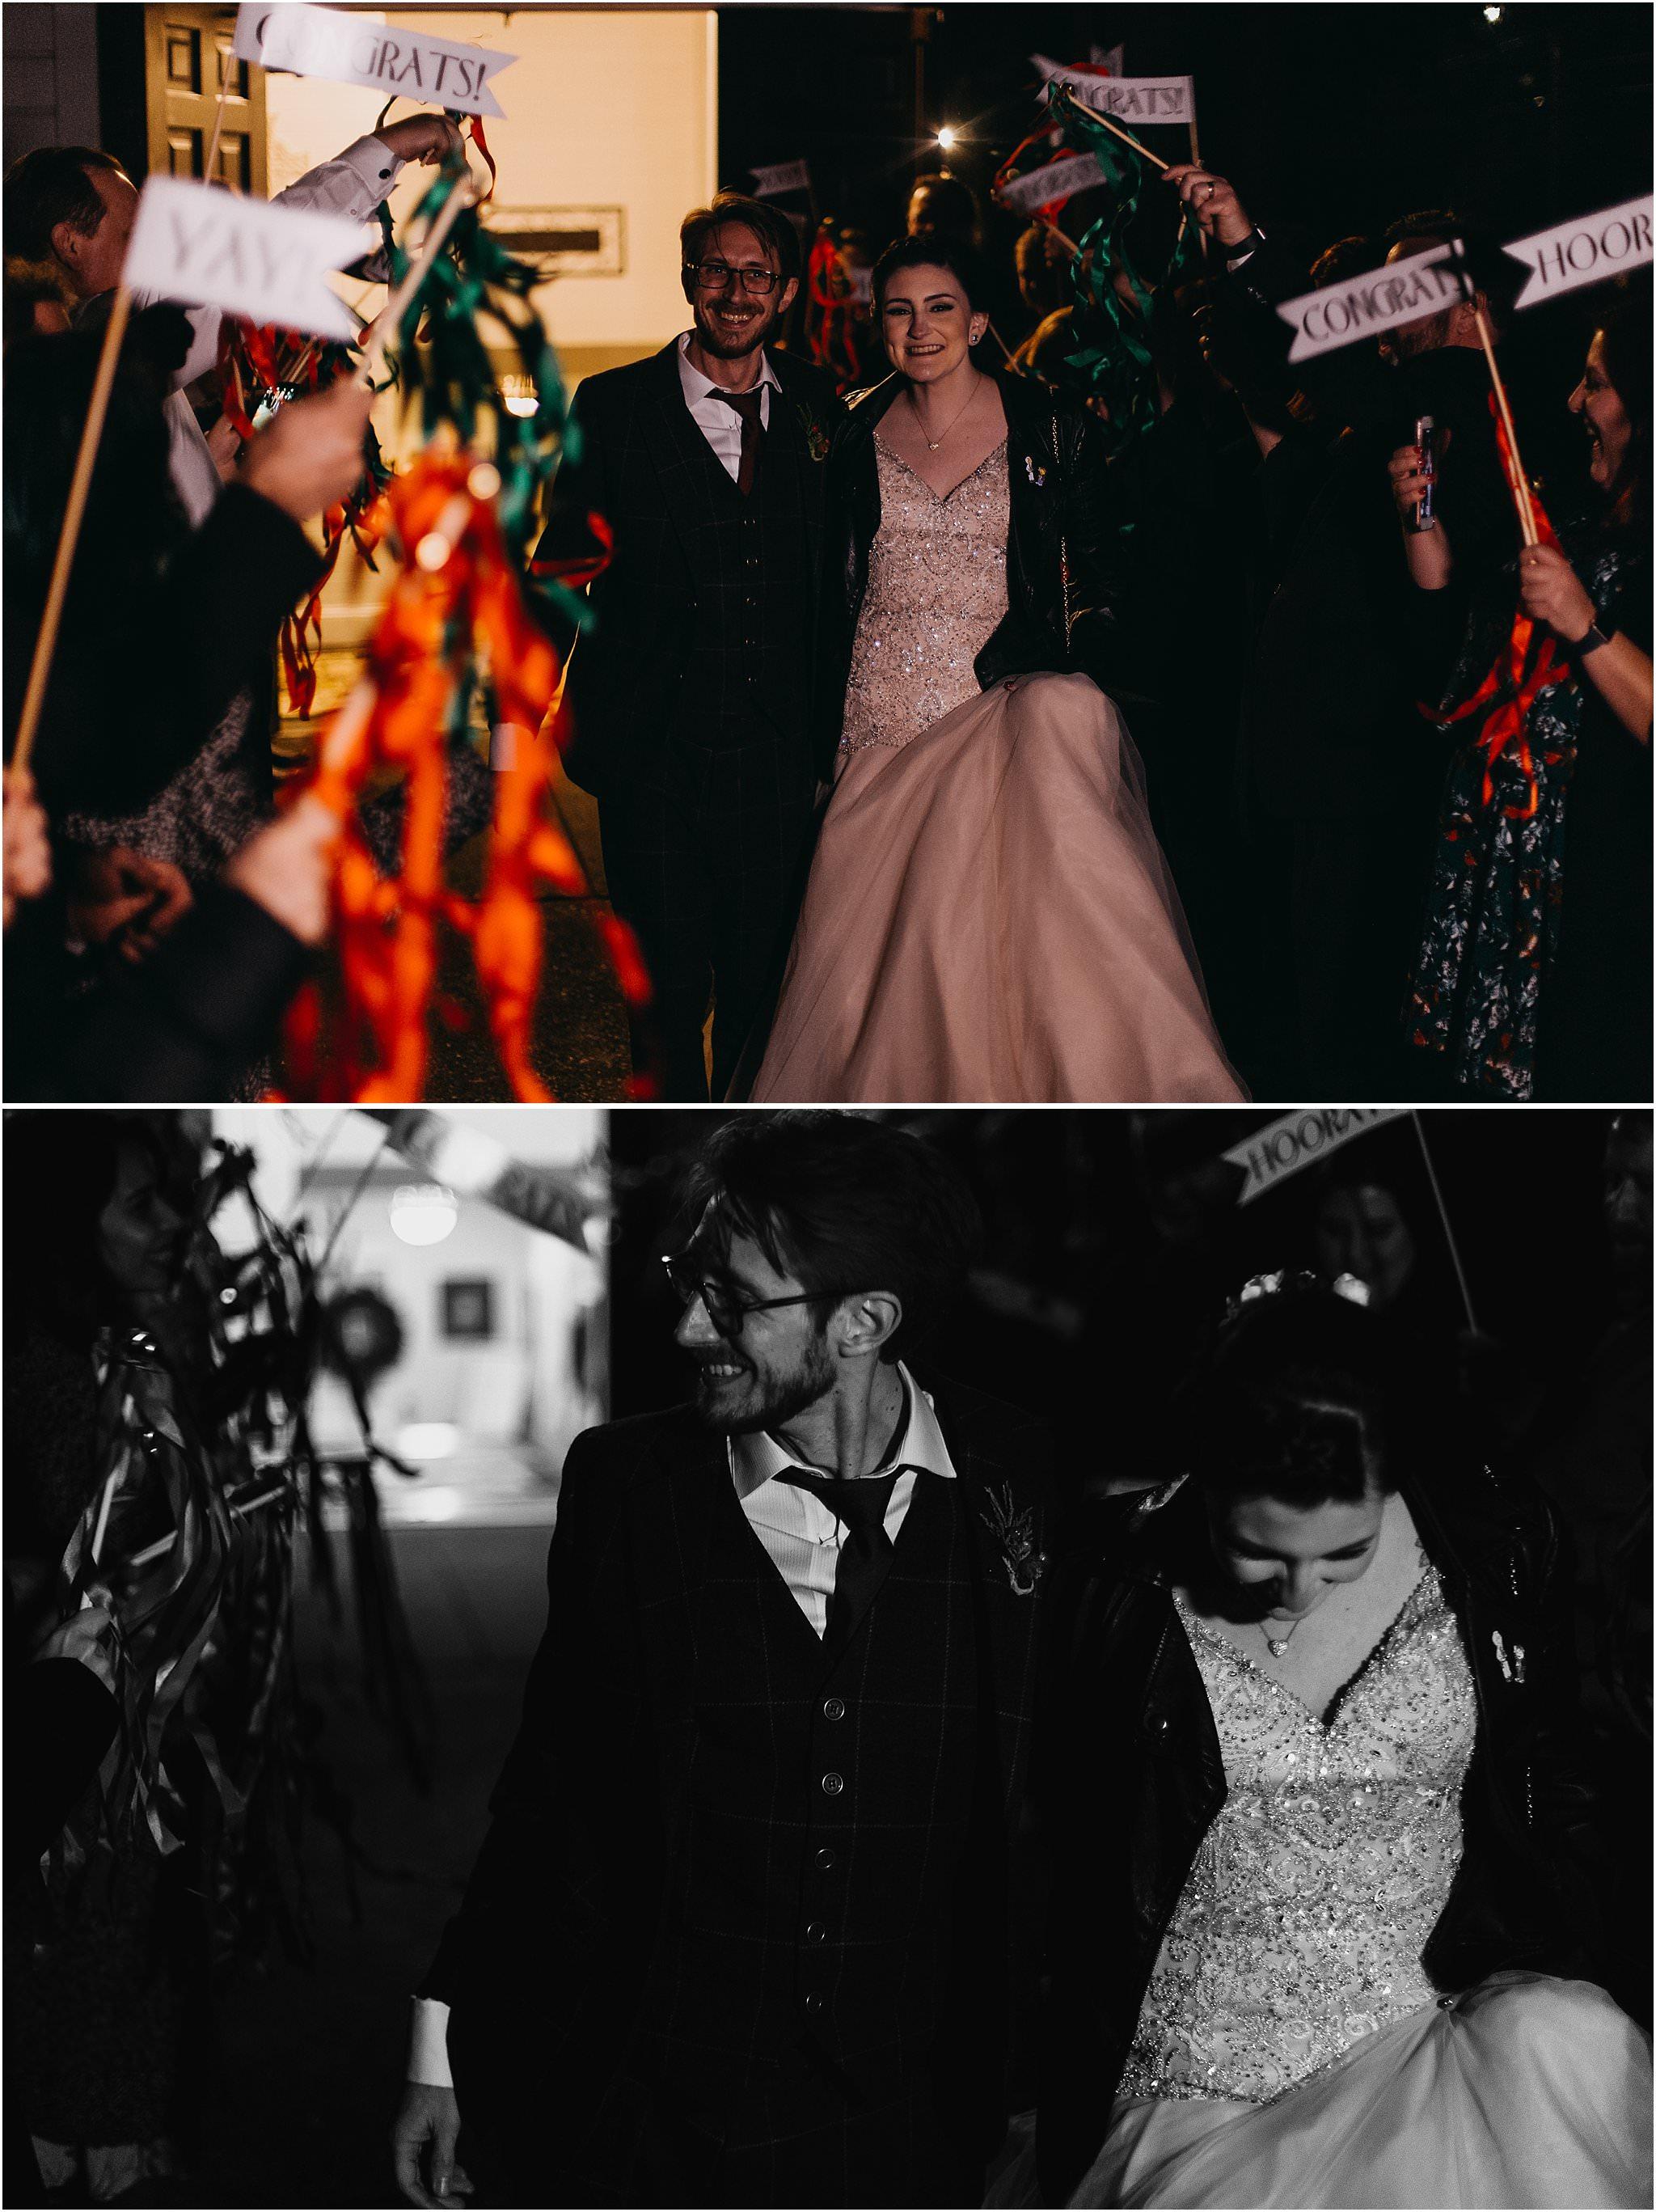 sarah-and-daves-downtown-snohomish-wedding-35.jpg